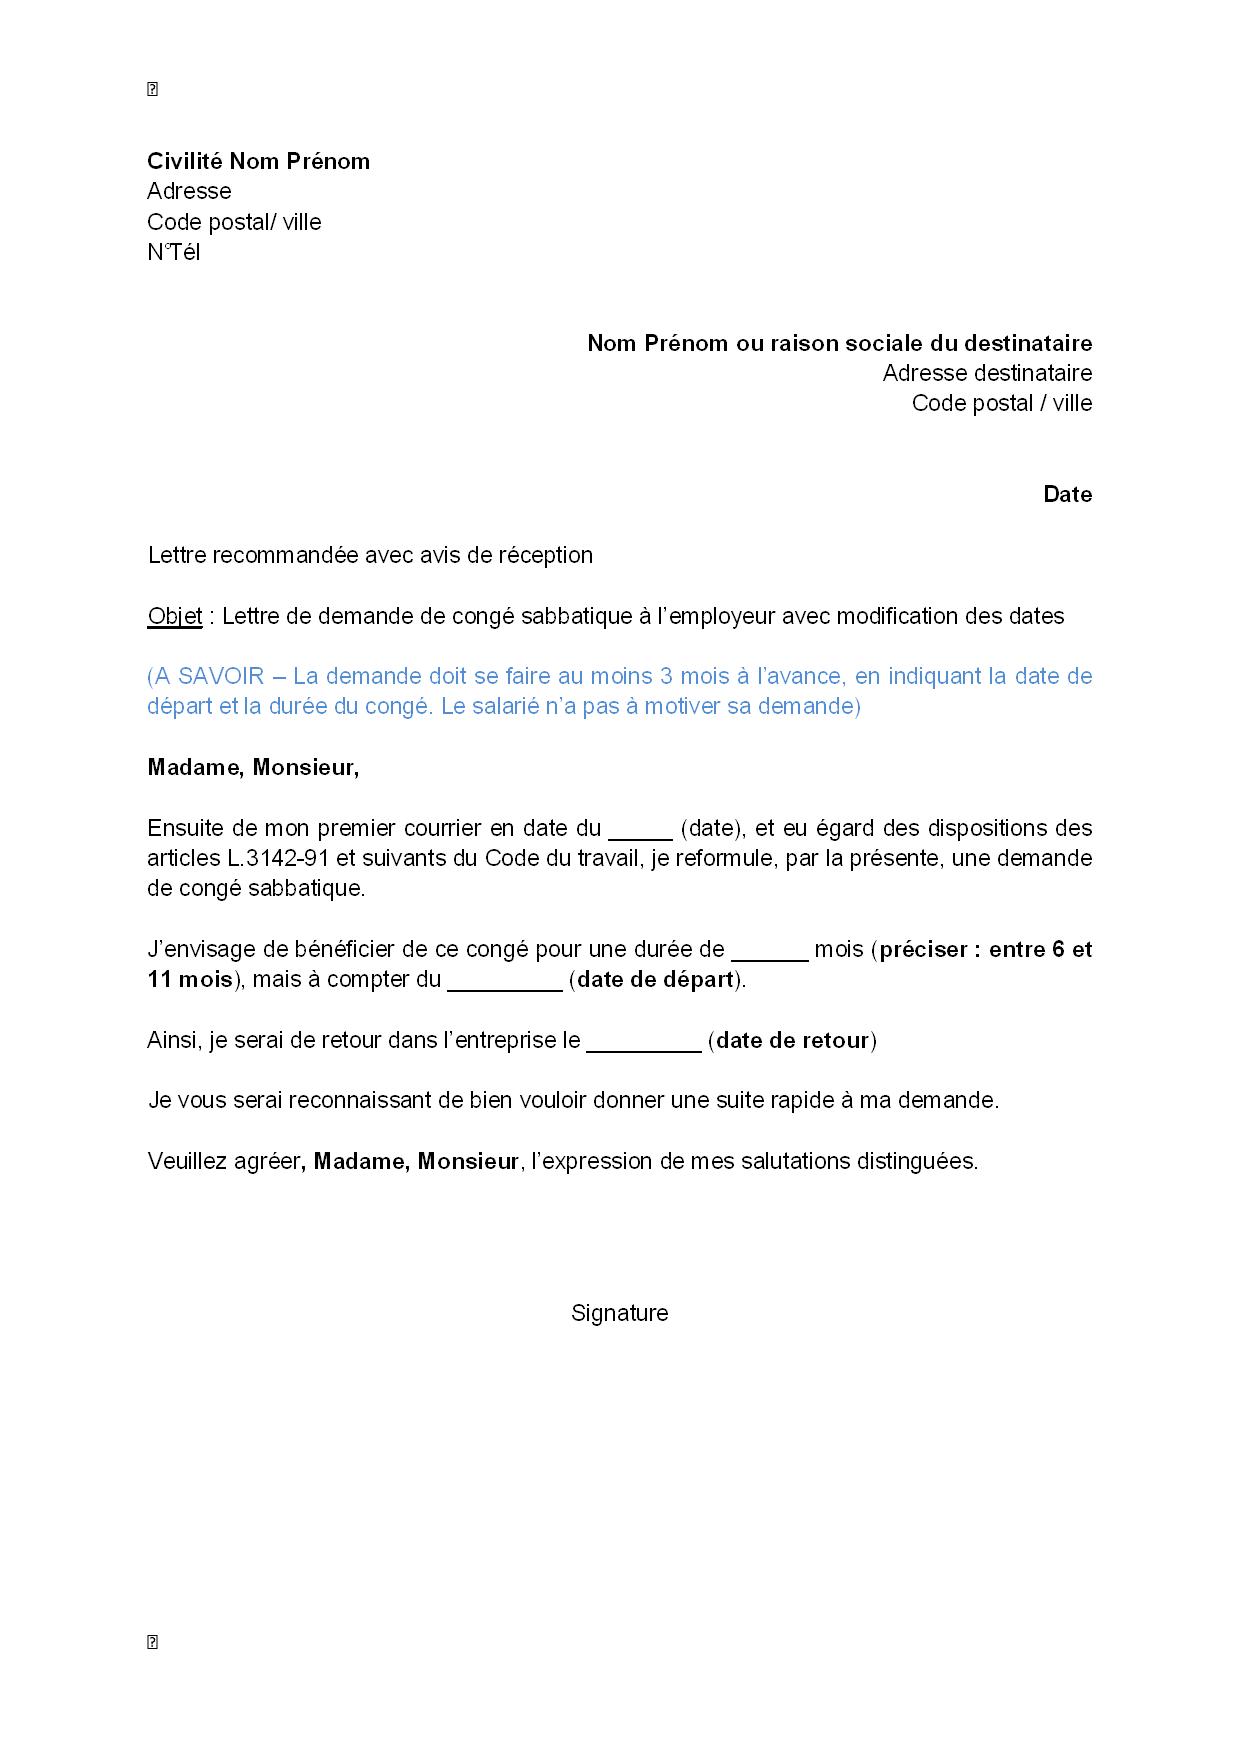 lettre de demande de cong u00e9 sabbatique  u00e0 l u0026 39 employeur avec